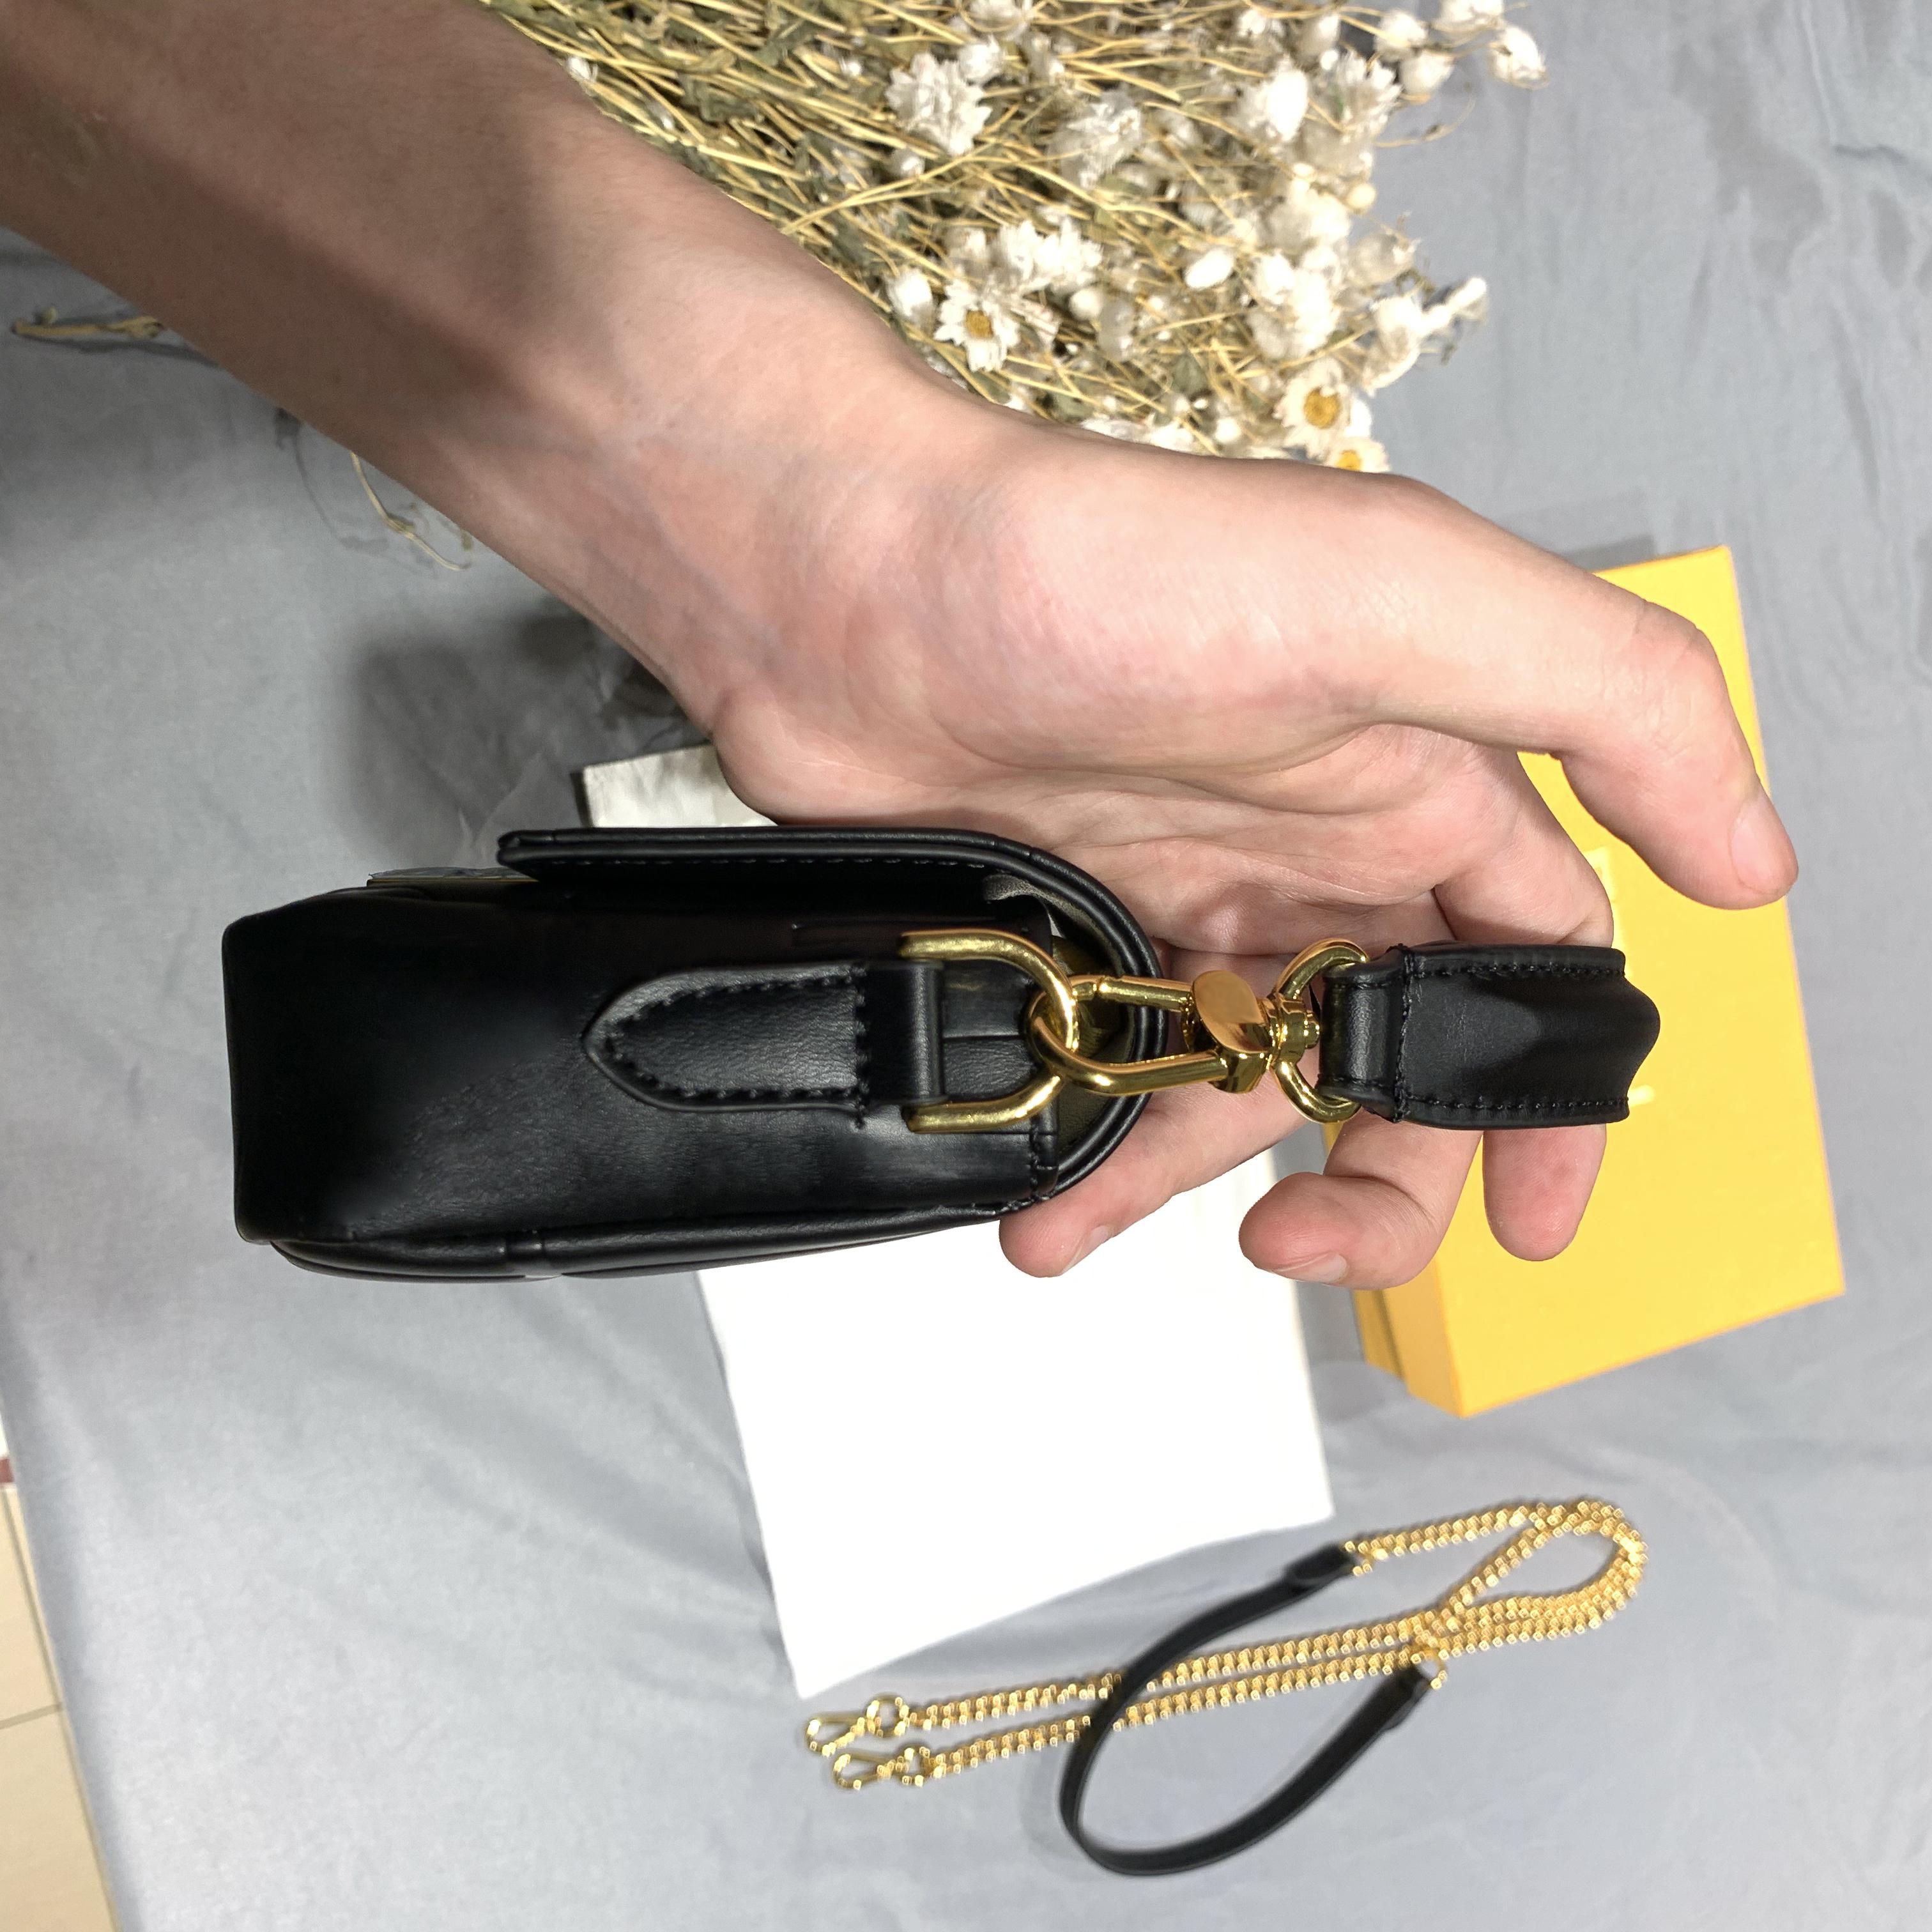 Handtaschen Ketten Pack Frauen Umhängetasche für Geldbörse Lady Messenger Leinwand Großhandel Presbyopic Hobo Tote Brusttasche MOEGE